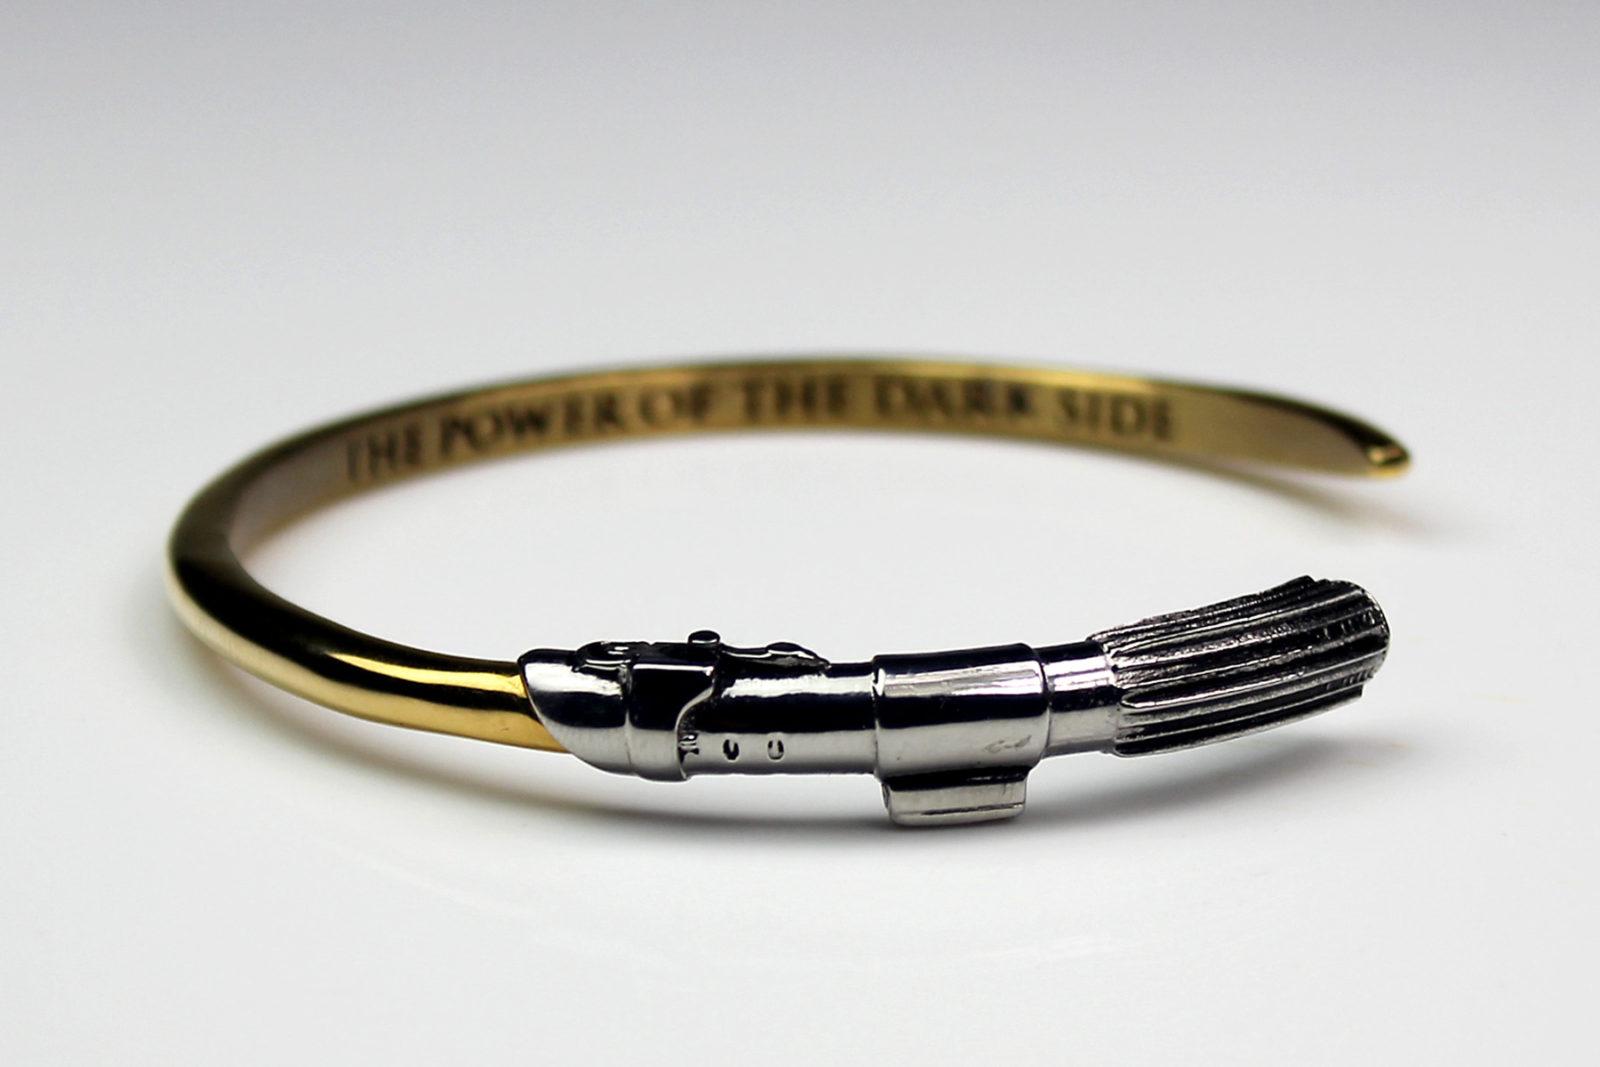 Han Cholo - Vader Saber cuff